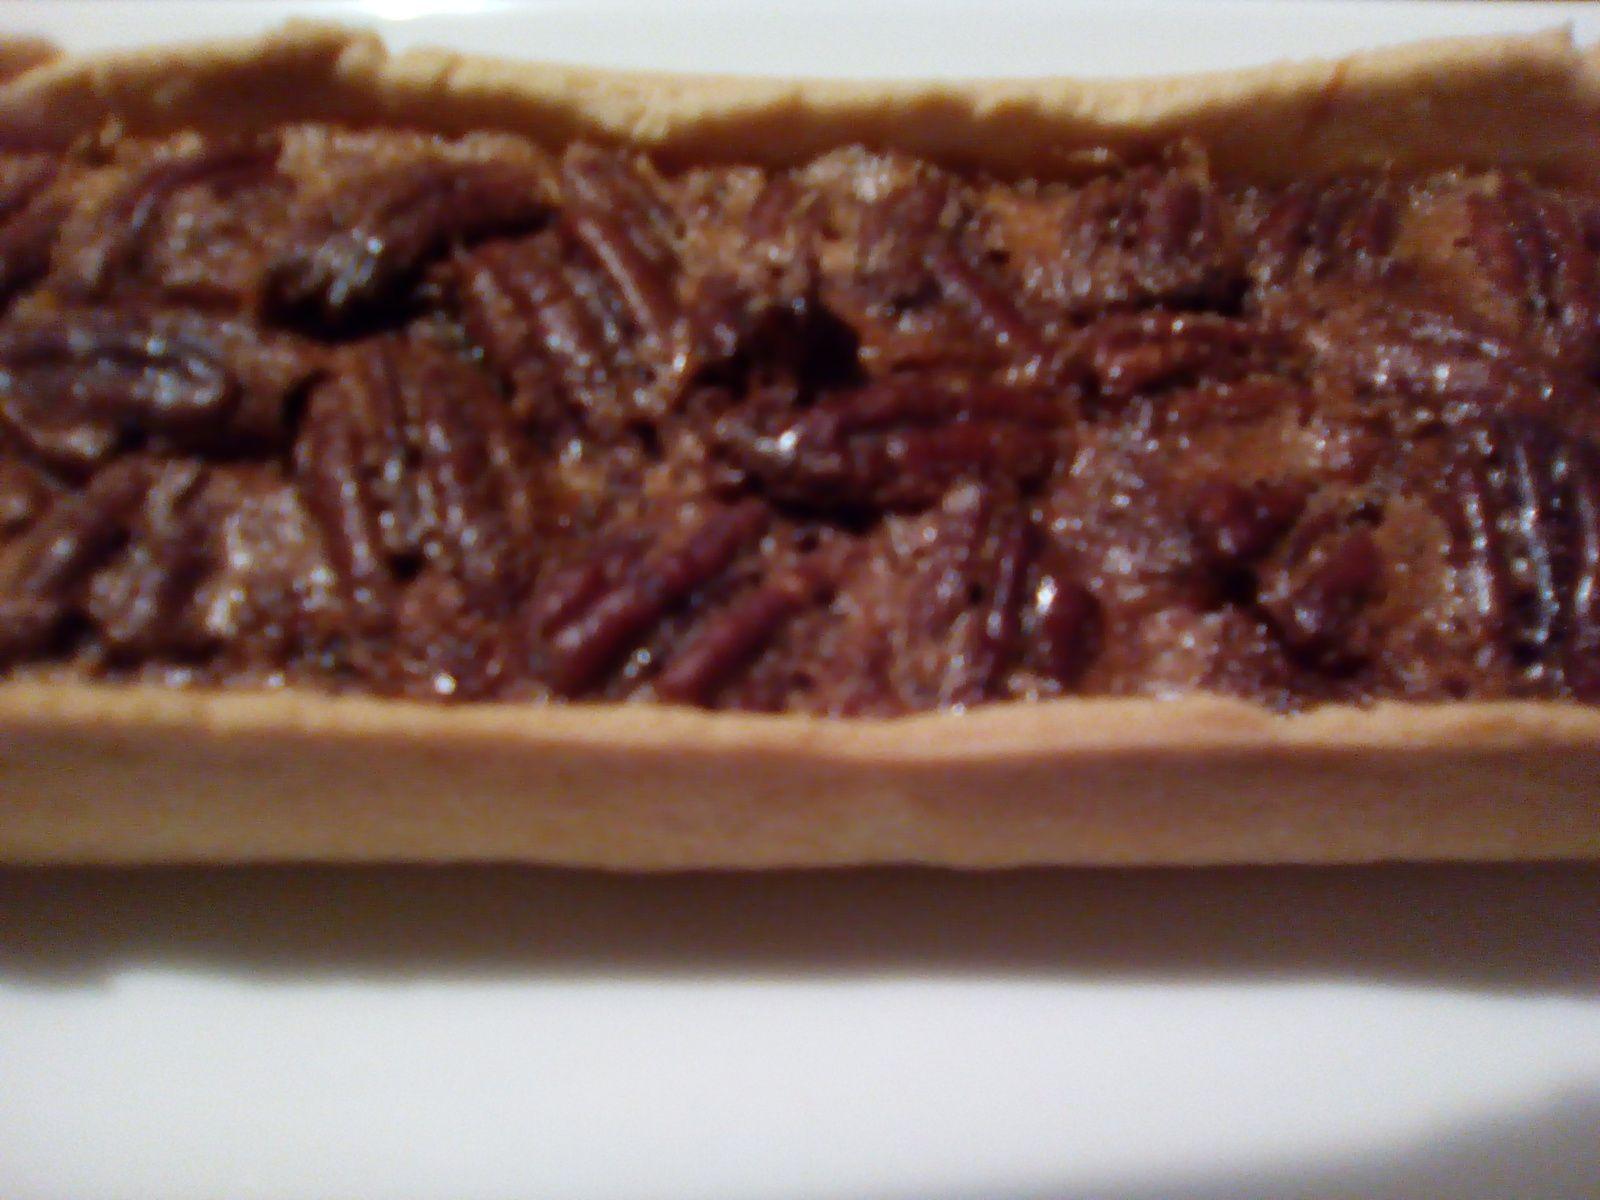 Pecan pie ou tarte aux noix de pécan